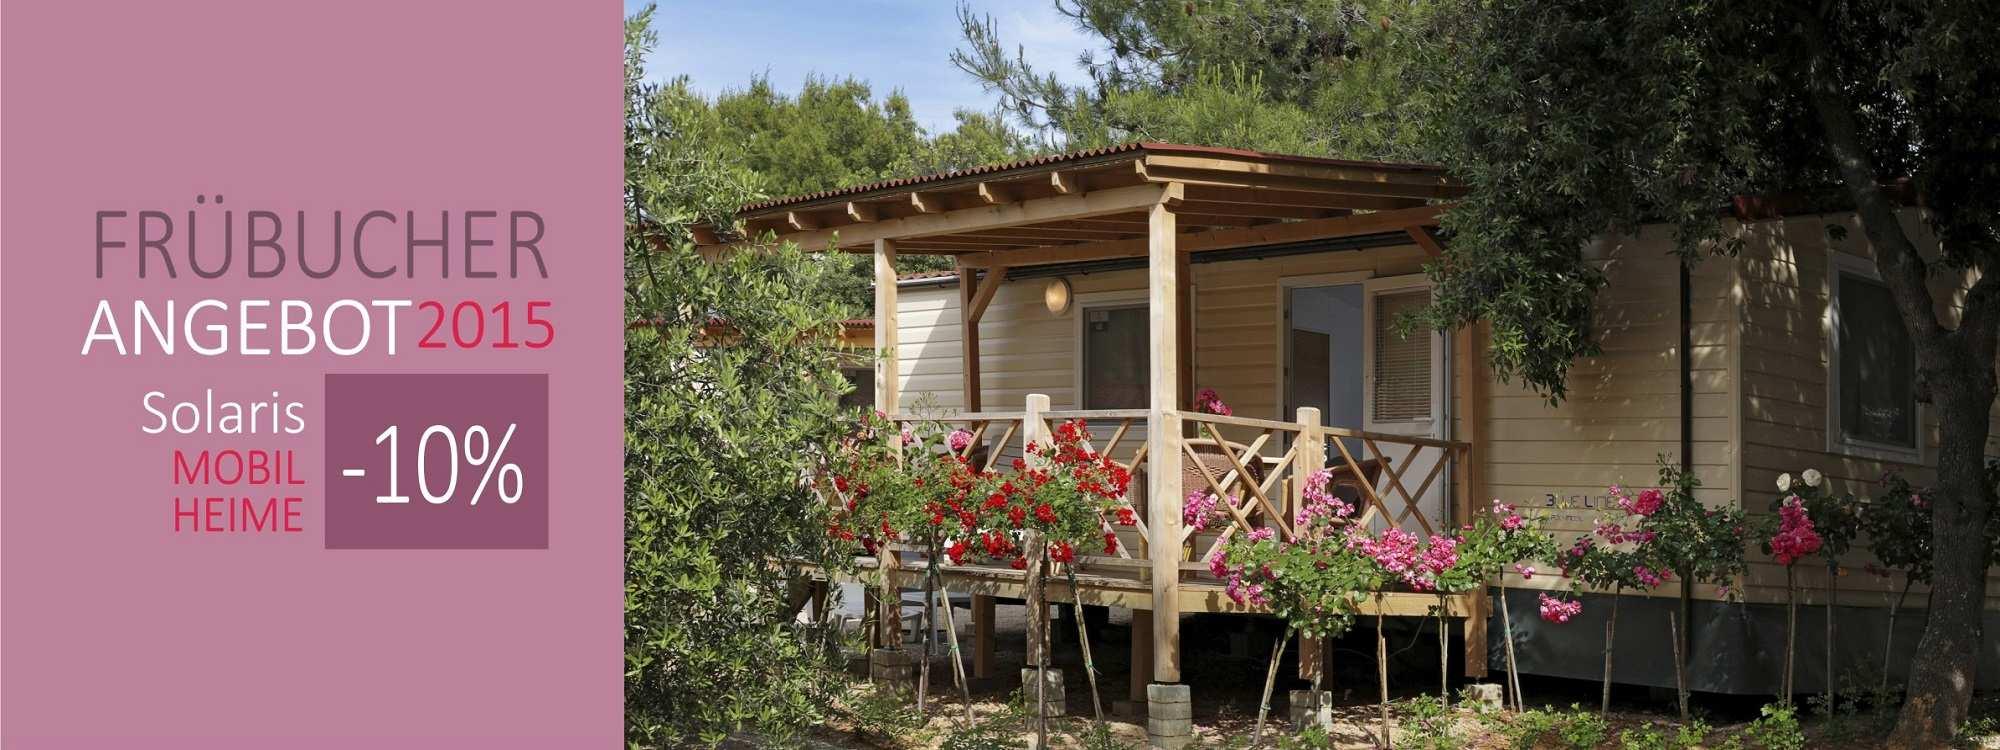 Fruhbucher_mobilheime_solaris_camping_beach_resort_kroatien_sonderangebot